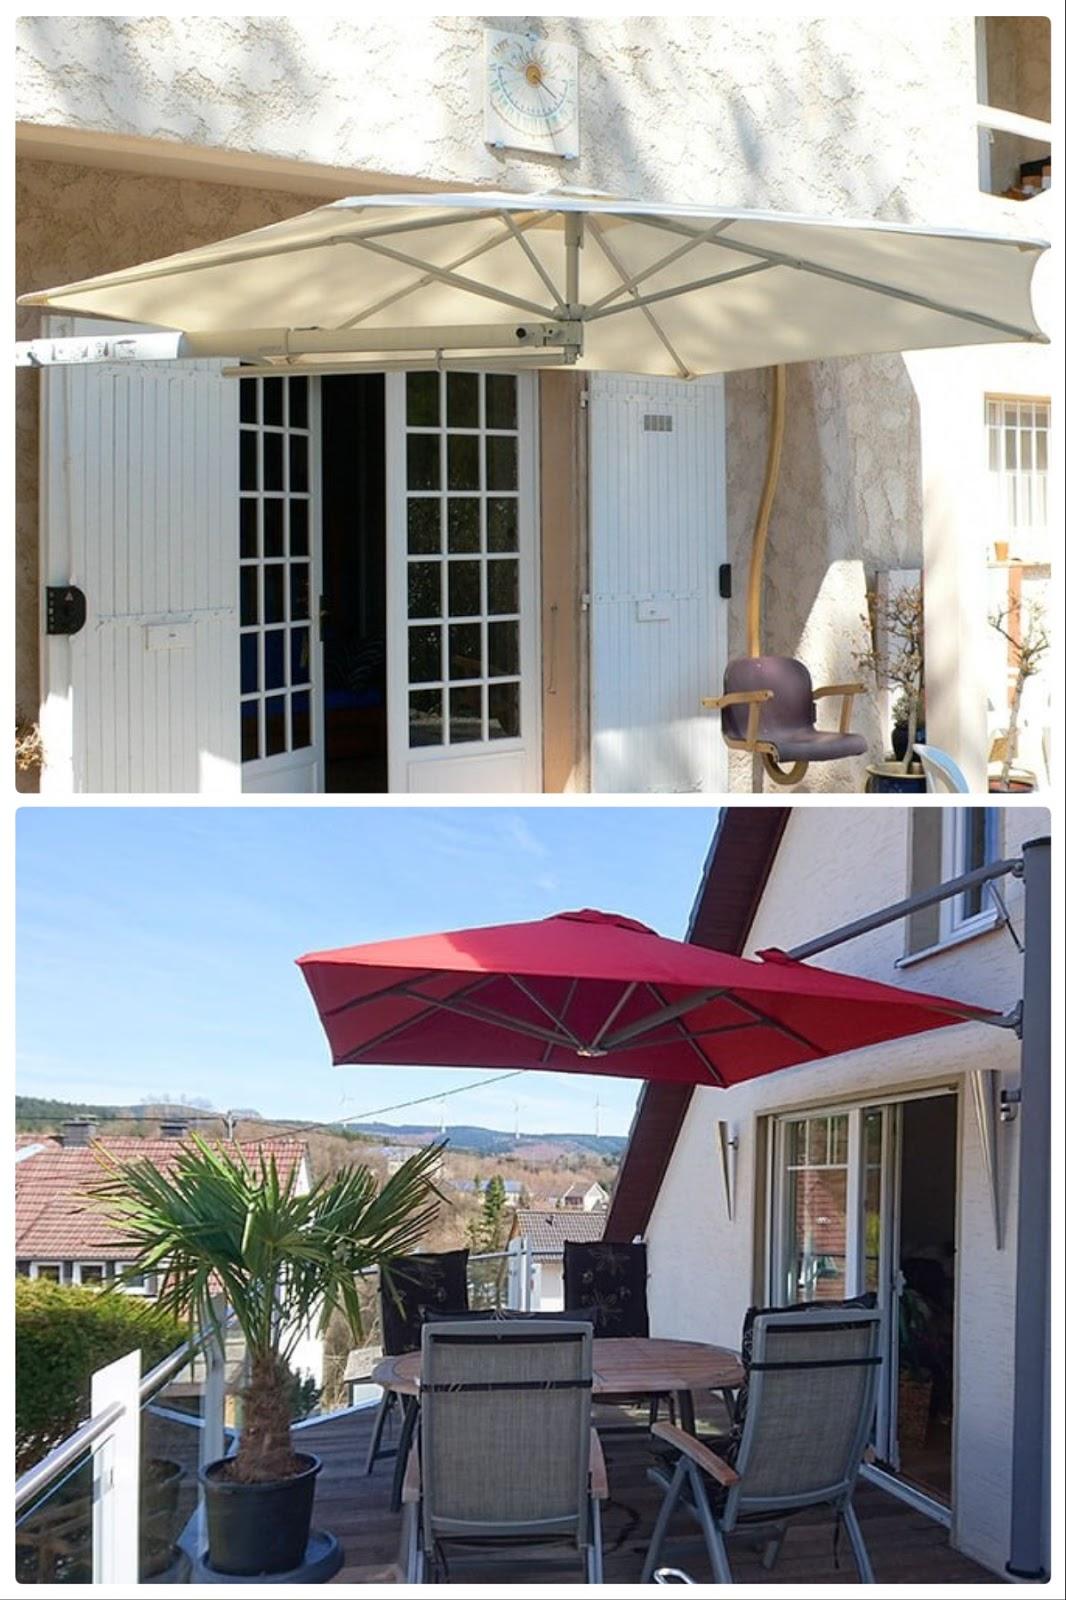 Sonnenschutz für Terrasse Balkon und Garten mit Solero Sonnenschirm Wandschrim flexibel